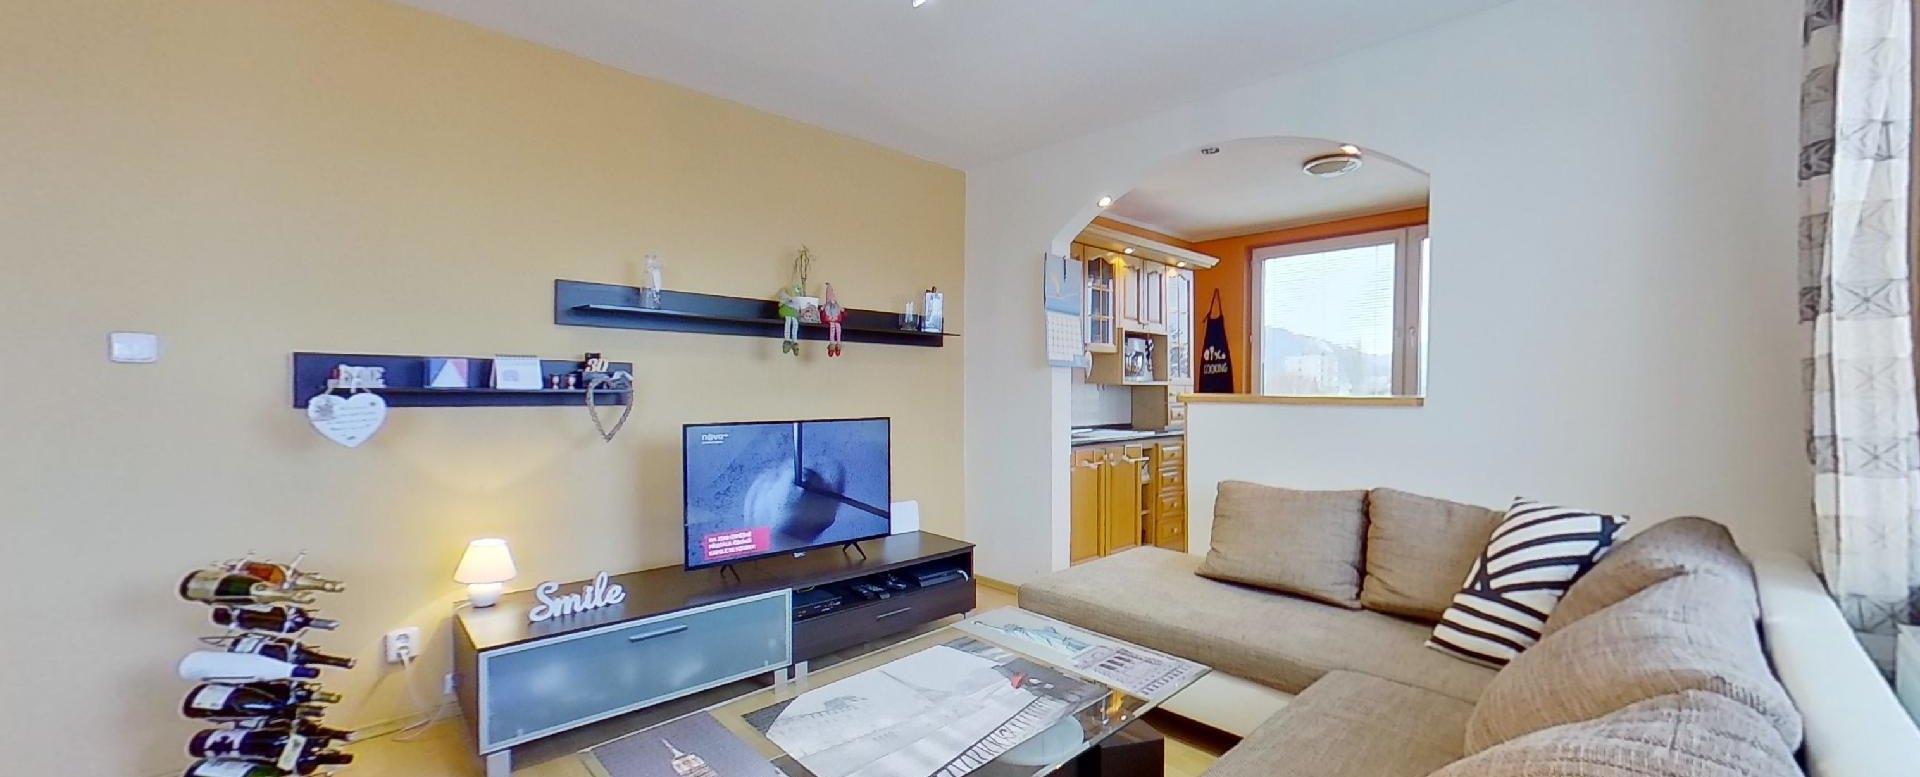 tv, nábyto a sedacia súprava v obývacej izbe